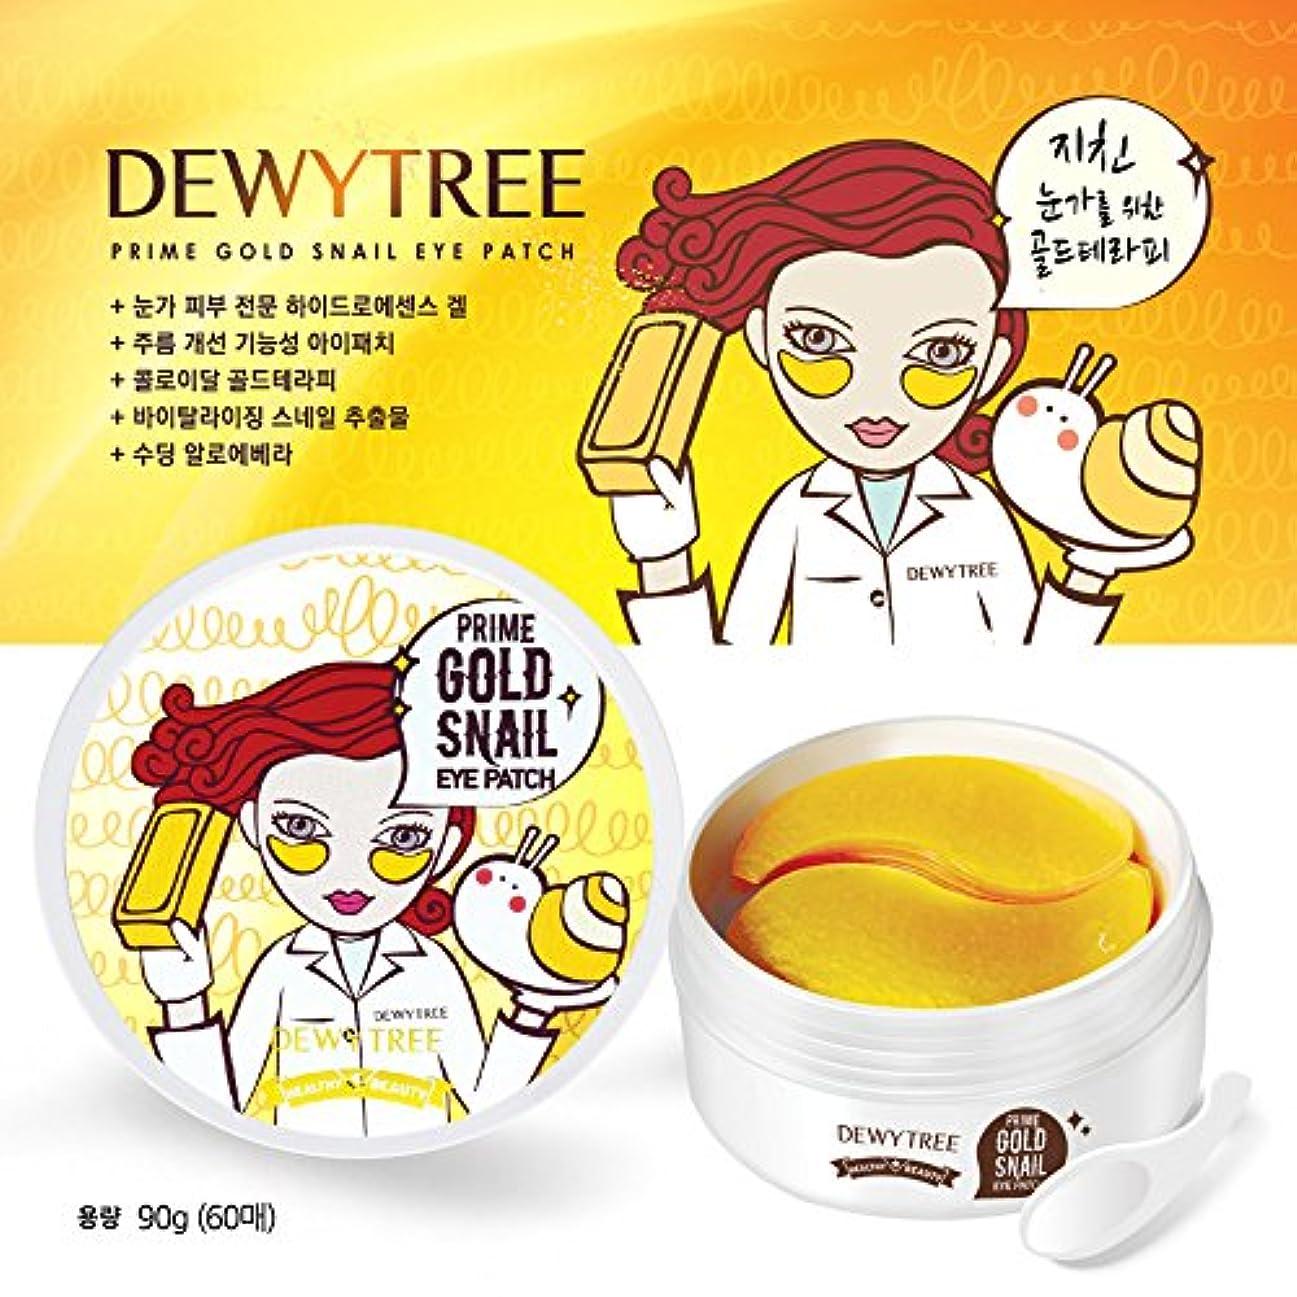 哲学的スポークスマン維持DEWYTREE Prime Gold Snail Eye Patch 60ea (PRIME GOLD SNAIL)/デュイツリー プライム ゴールド スネイル アイパッチ 60ea (プライム ゴールド スネイル)